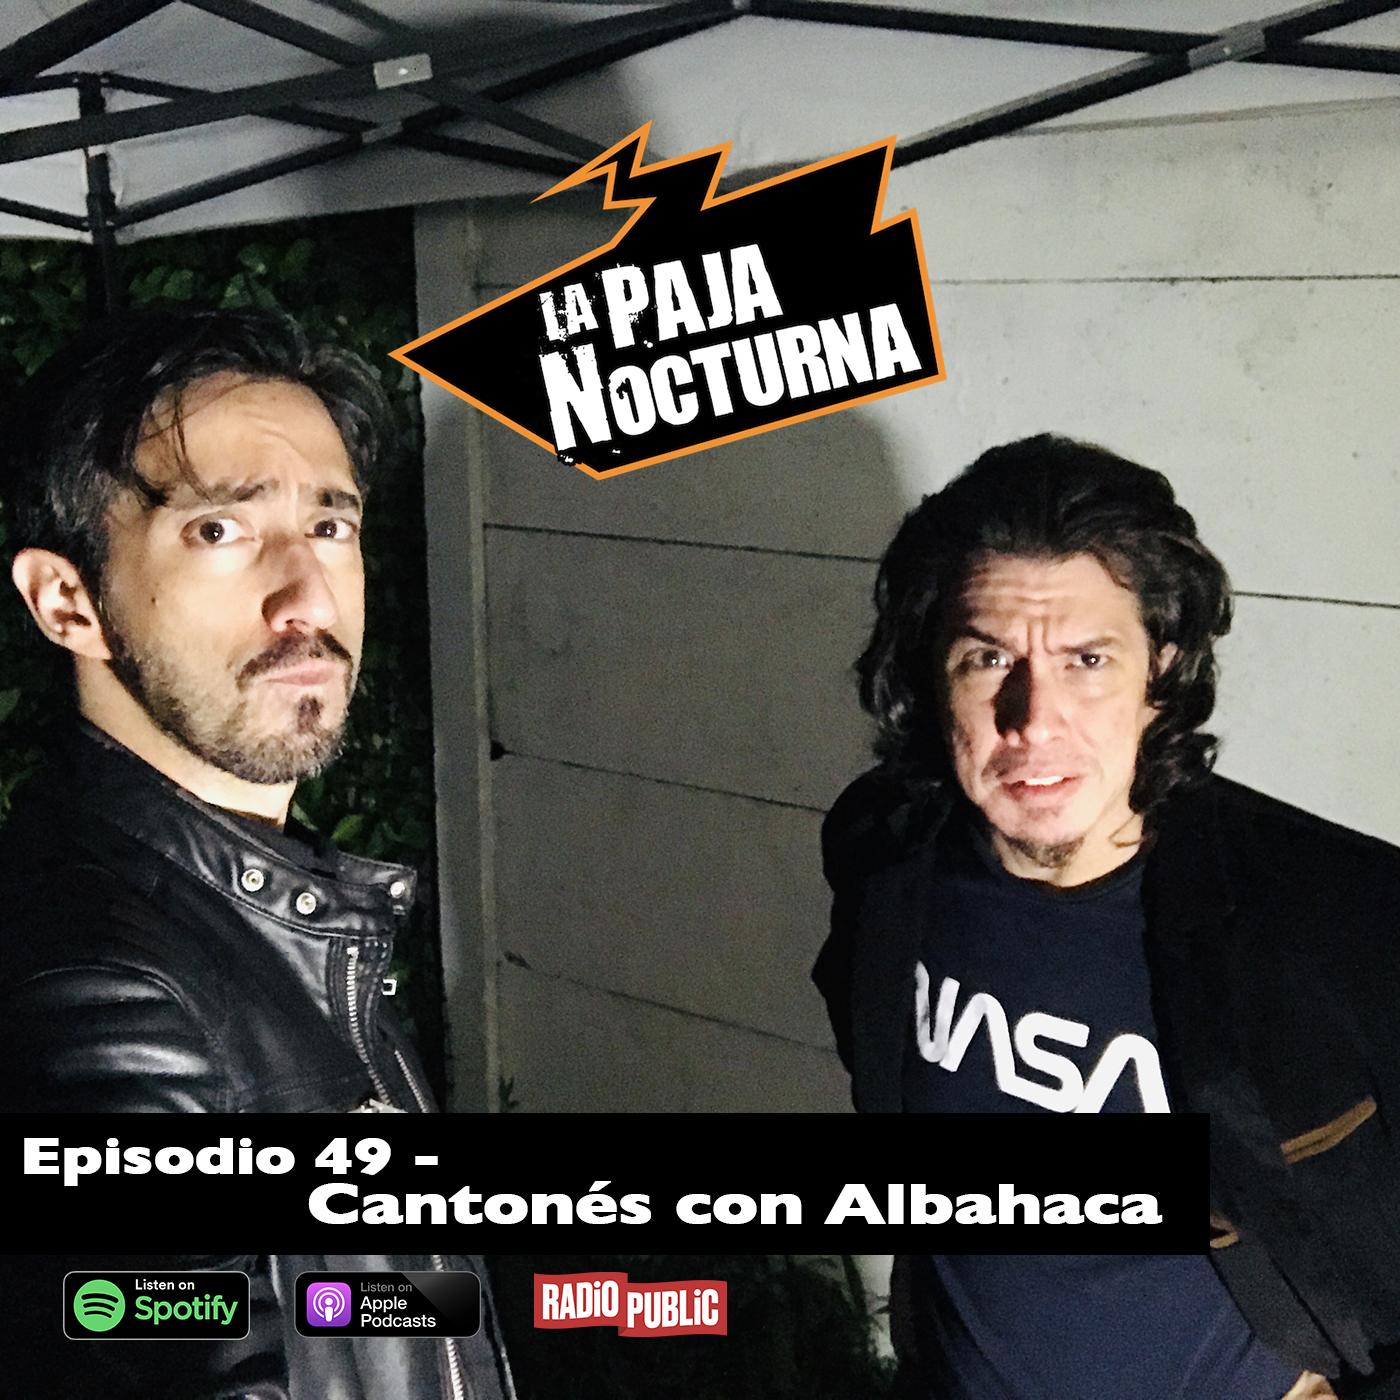 La paja nocturna podcast Episodio 49